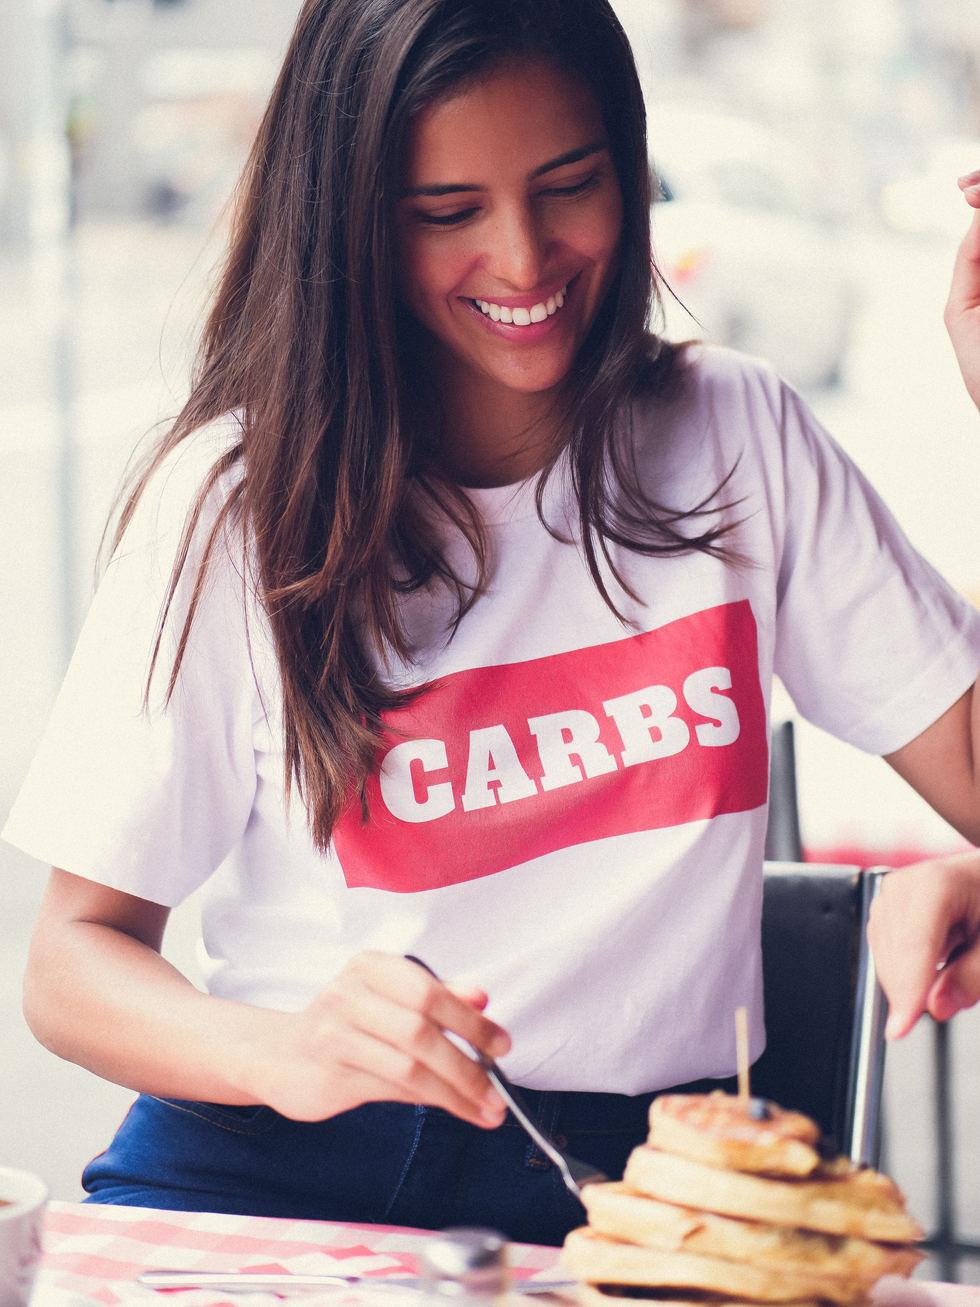 carbs_9.jpg